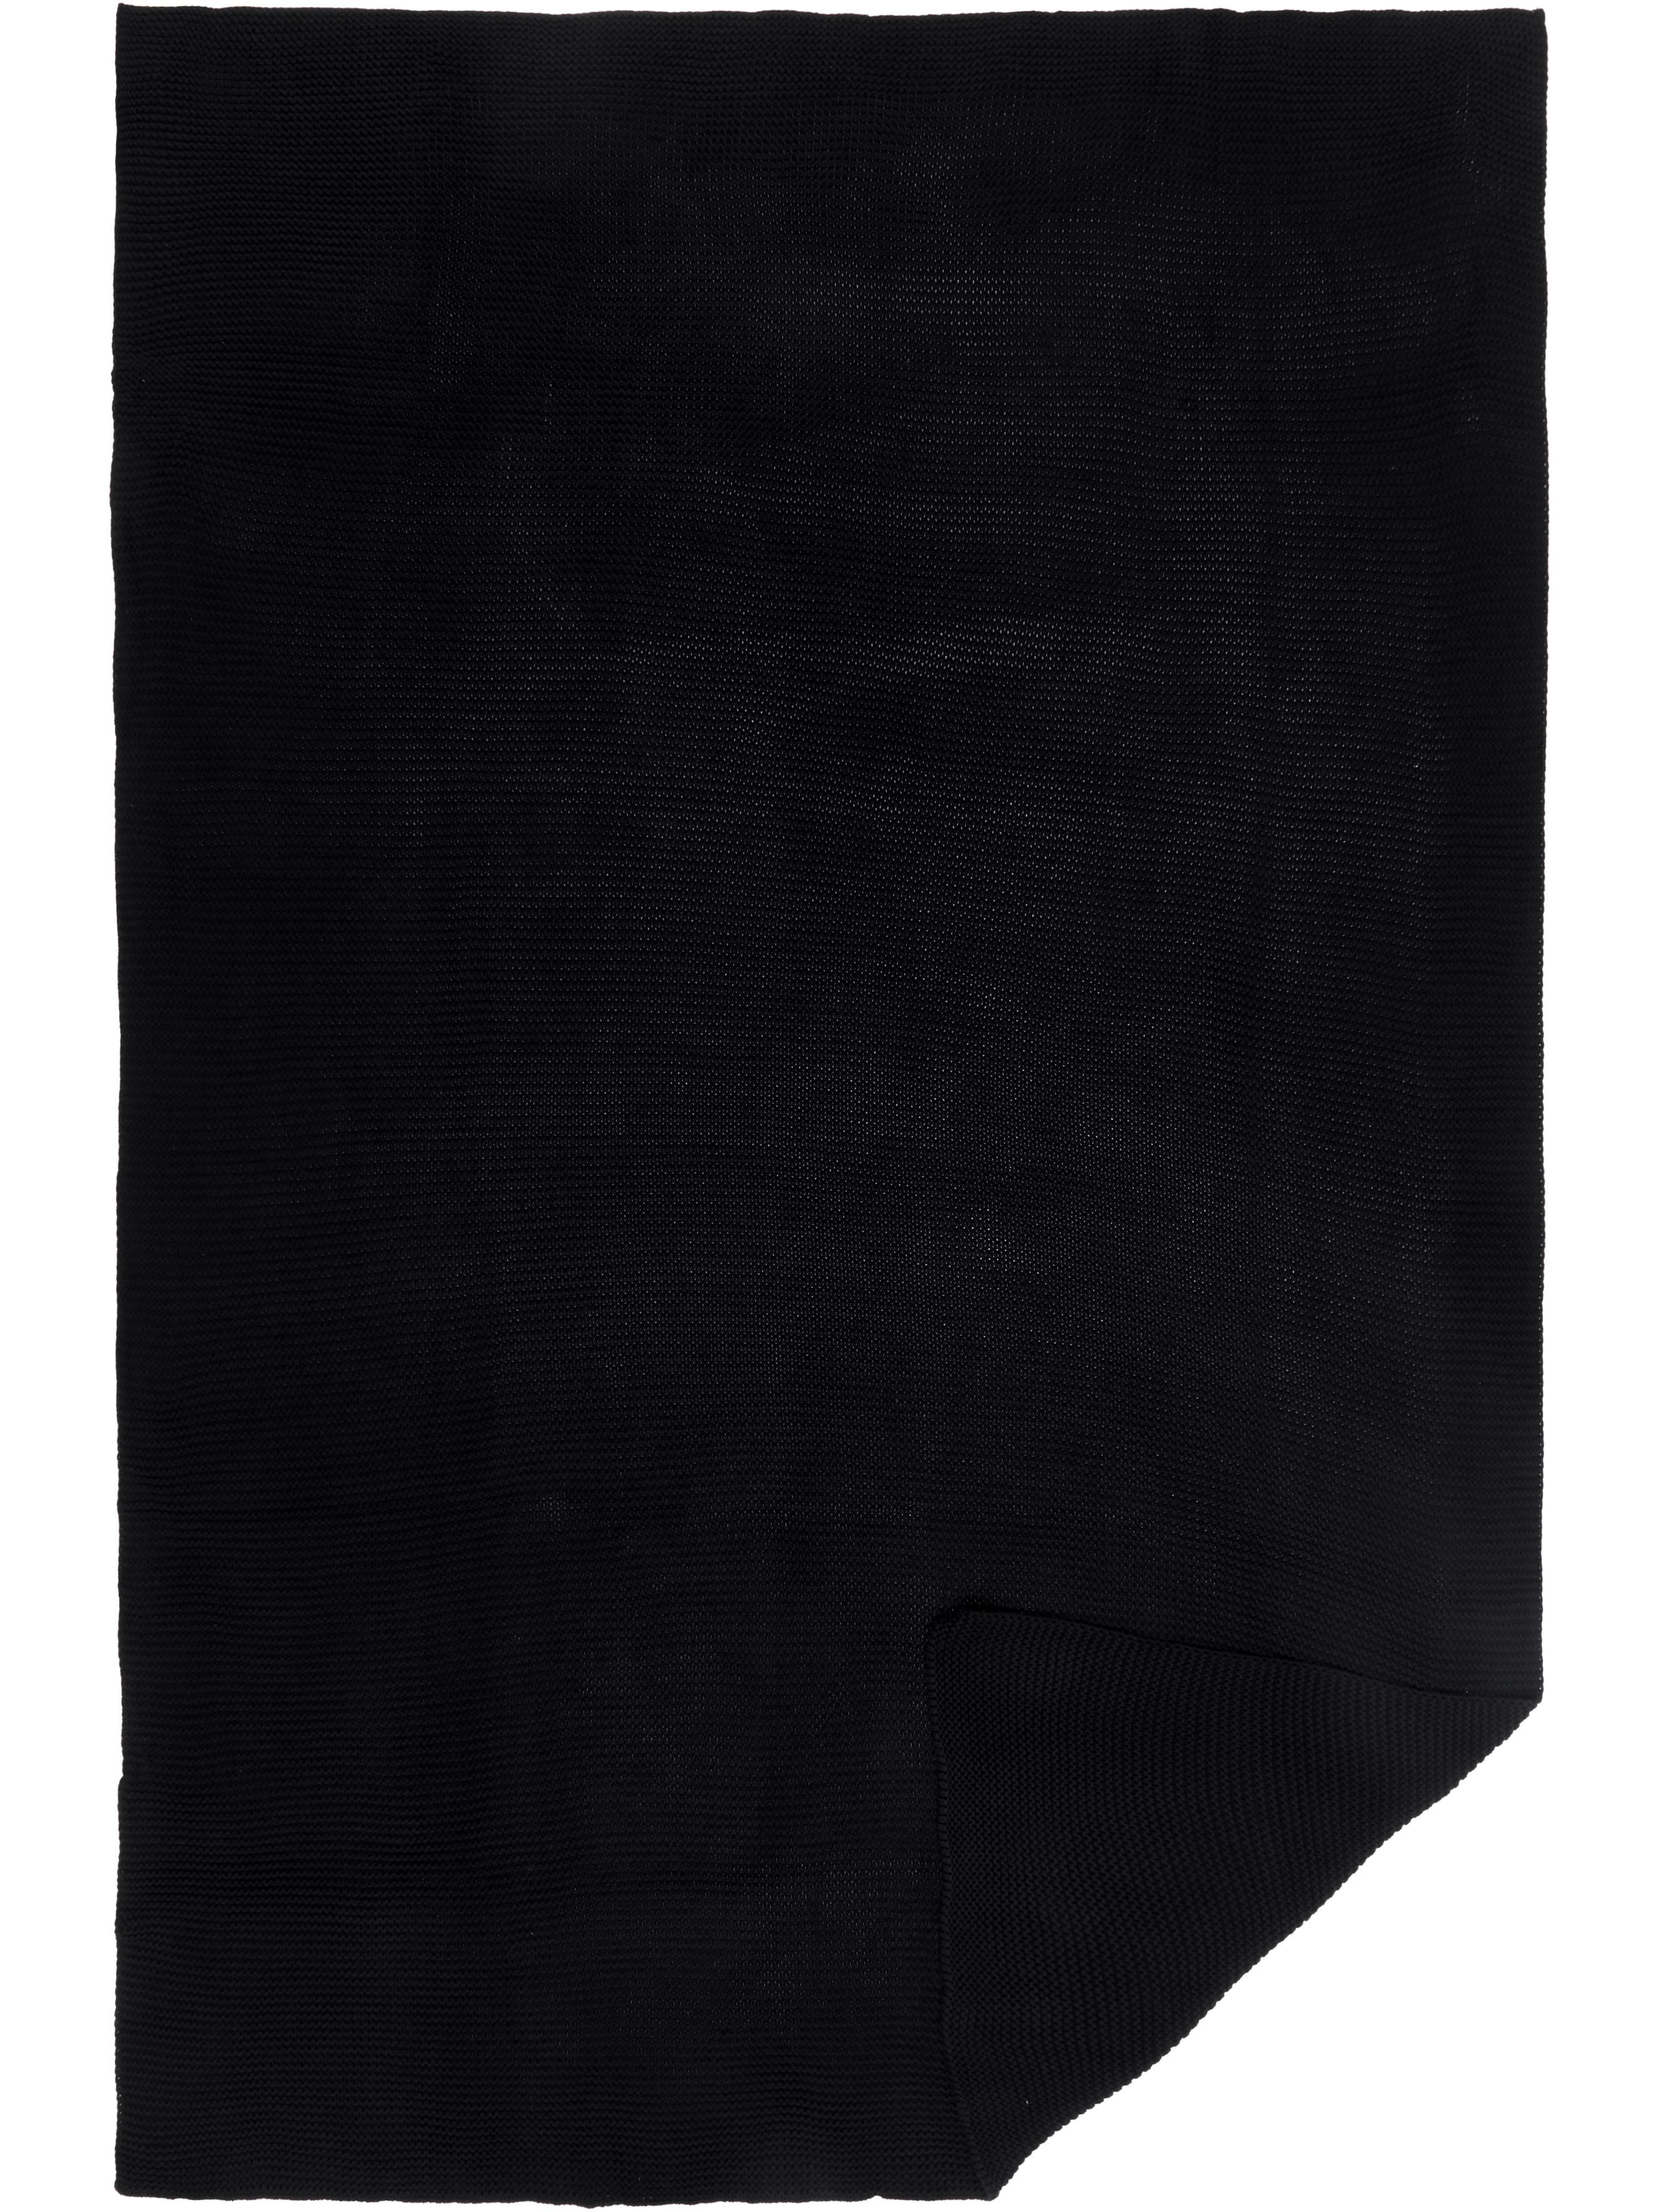 Pled z dzianiny Aladyn, 100% bawełna, Czarny, S 150 x D 200 cm